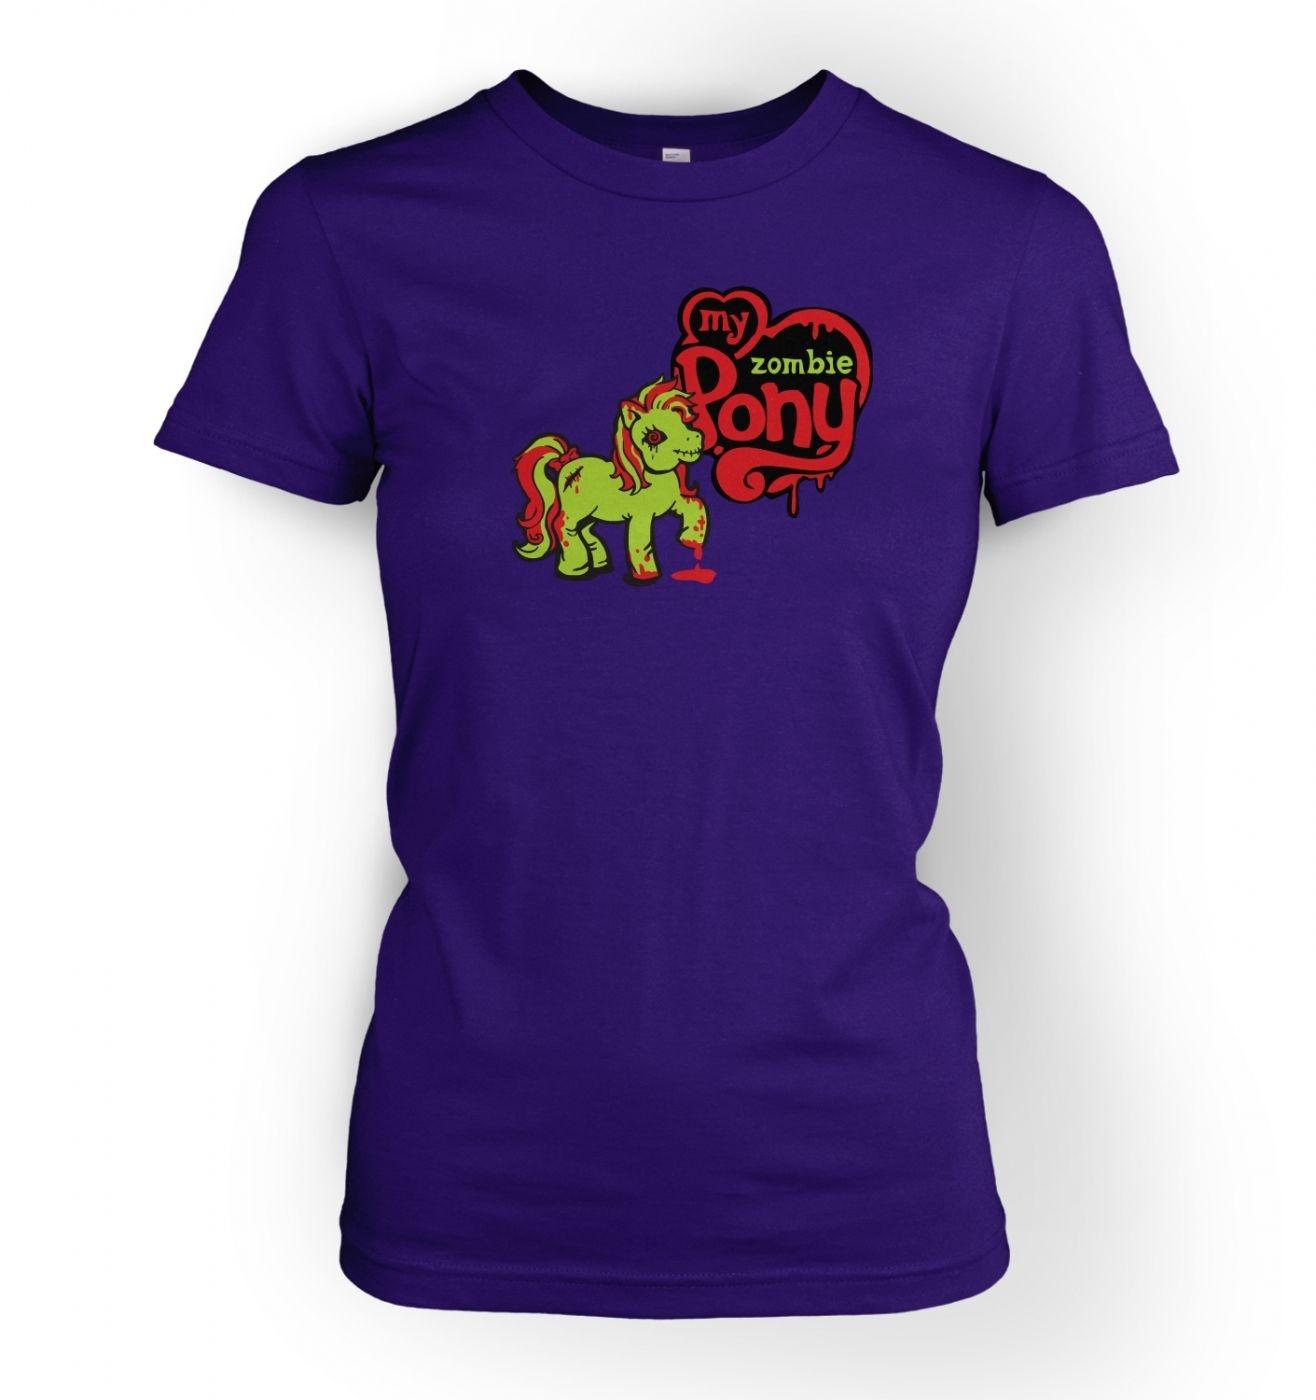 Women's My Zombie Pony t-shirt- inspired by My Little Pony